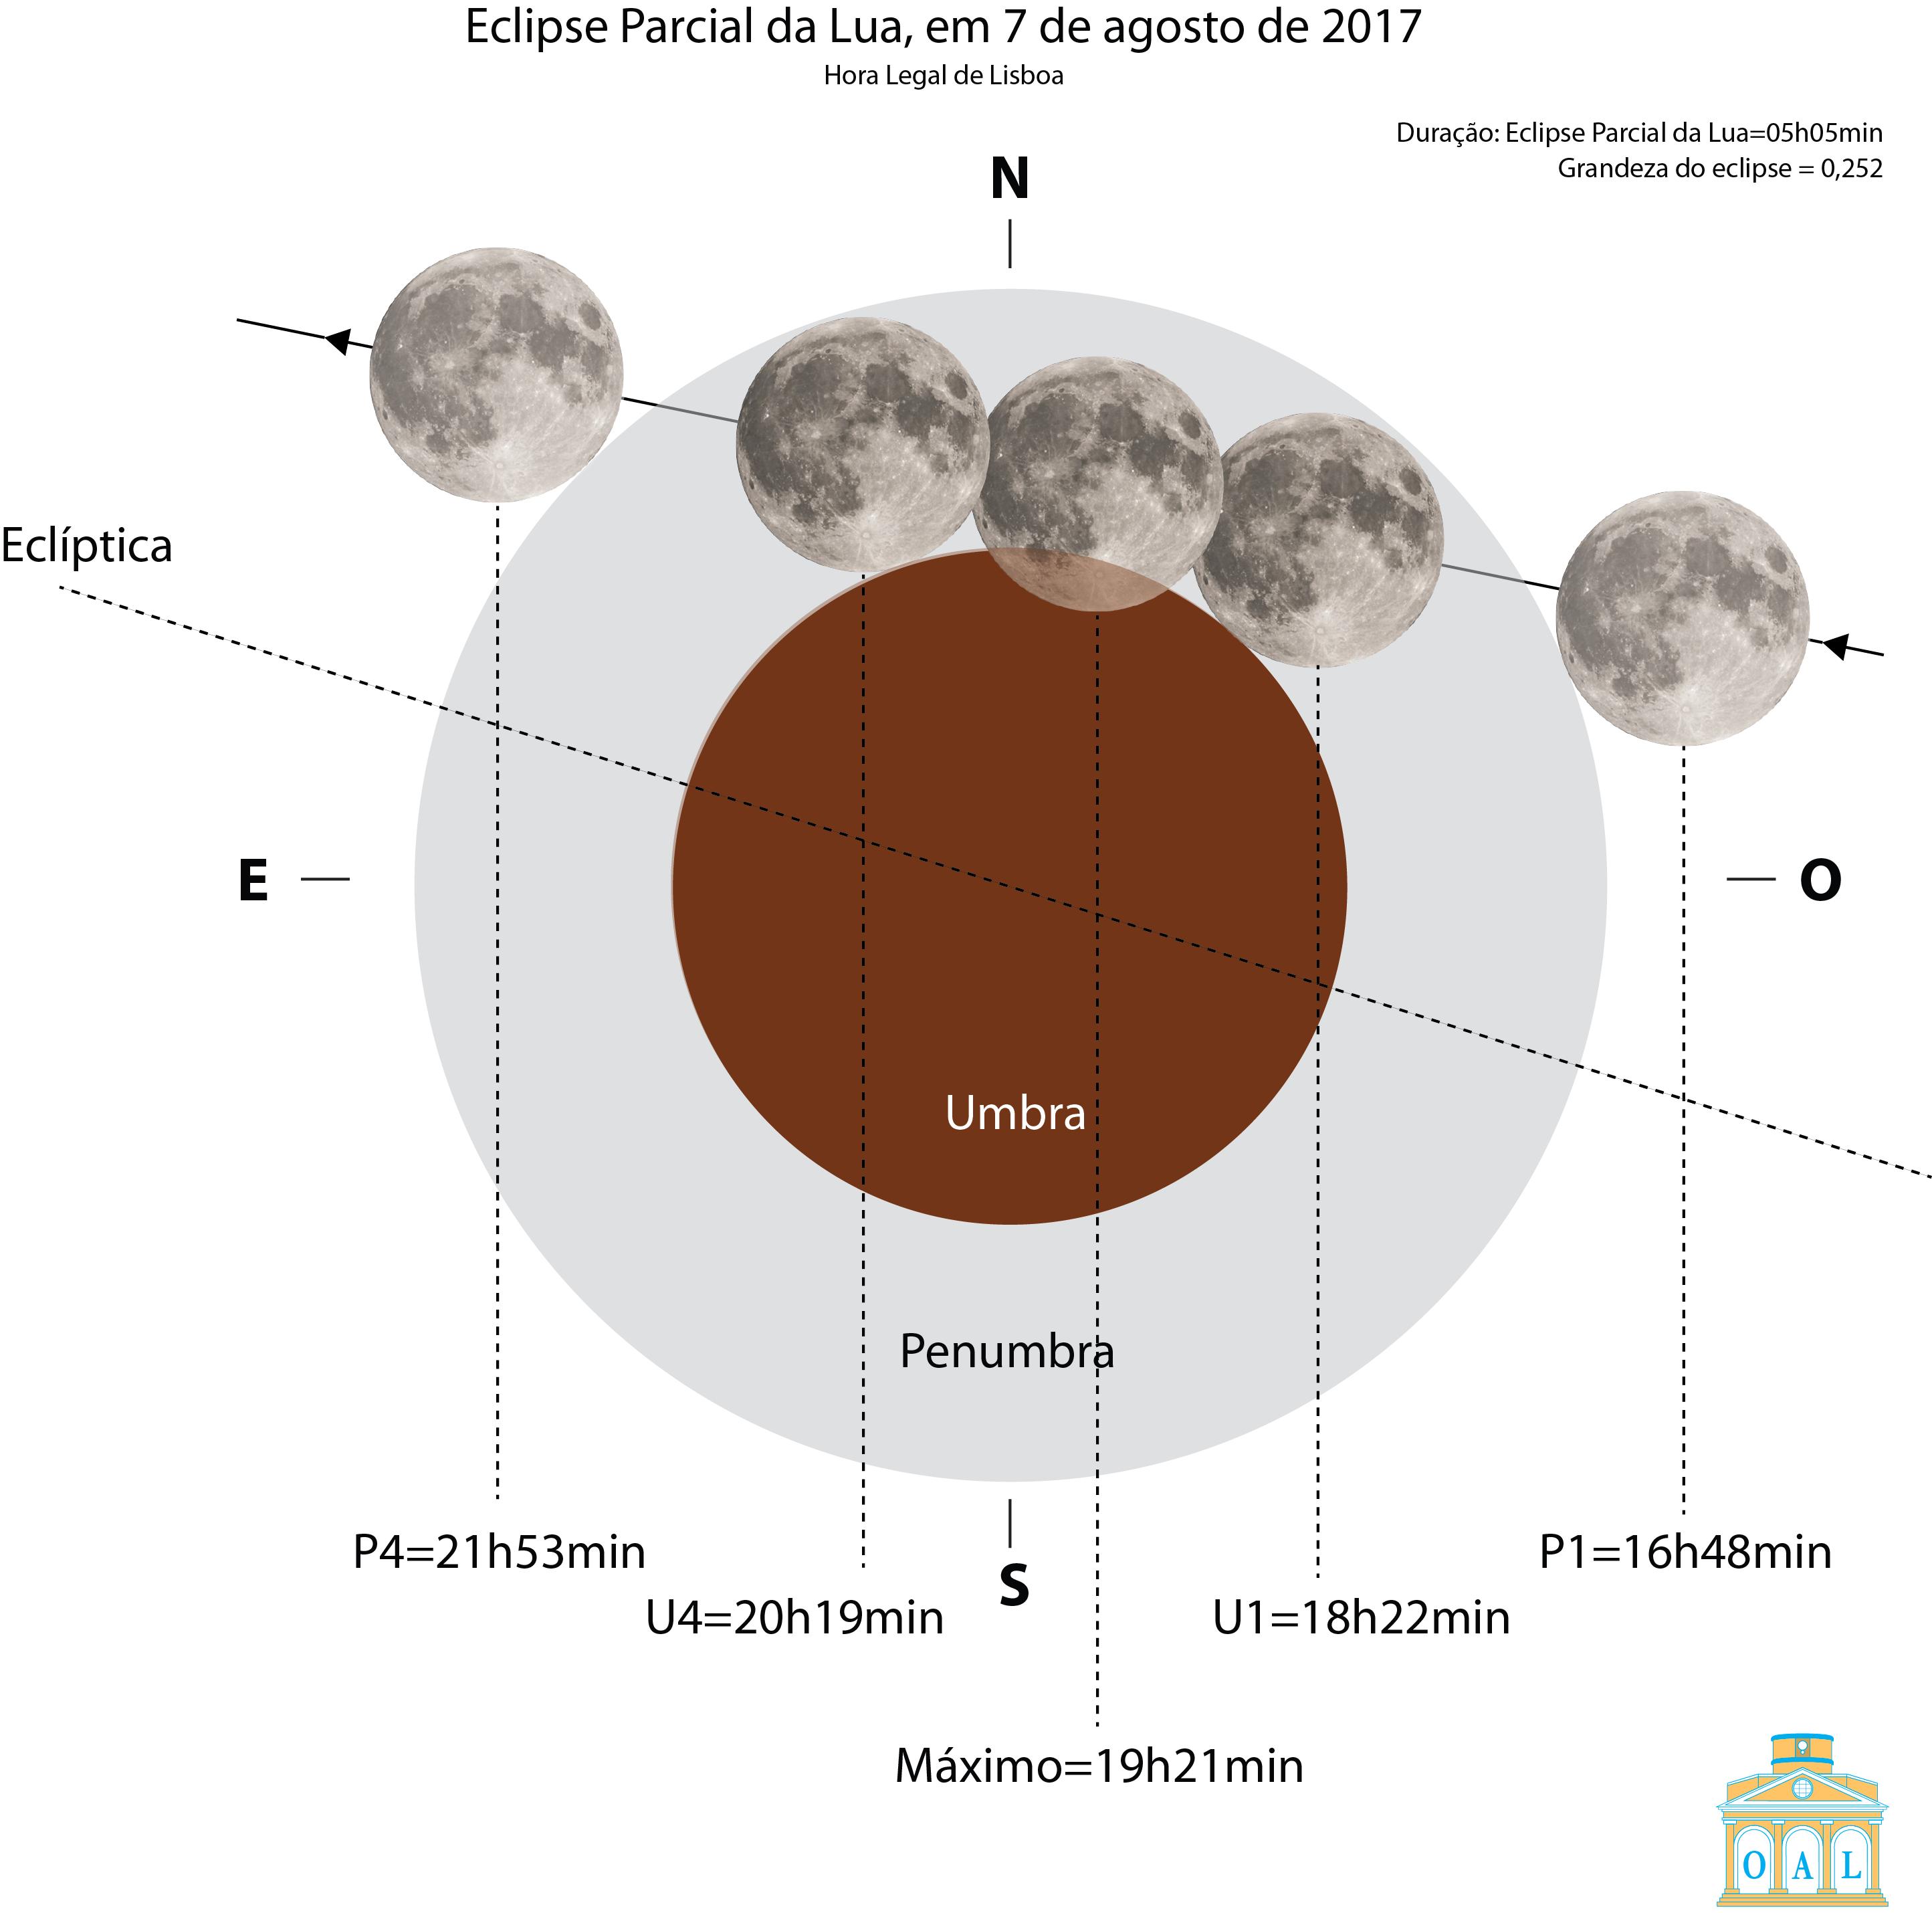 Hoje, a Lua vai nascer na penumbra